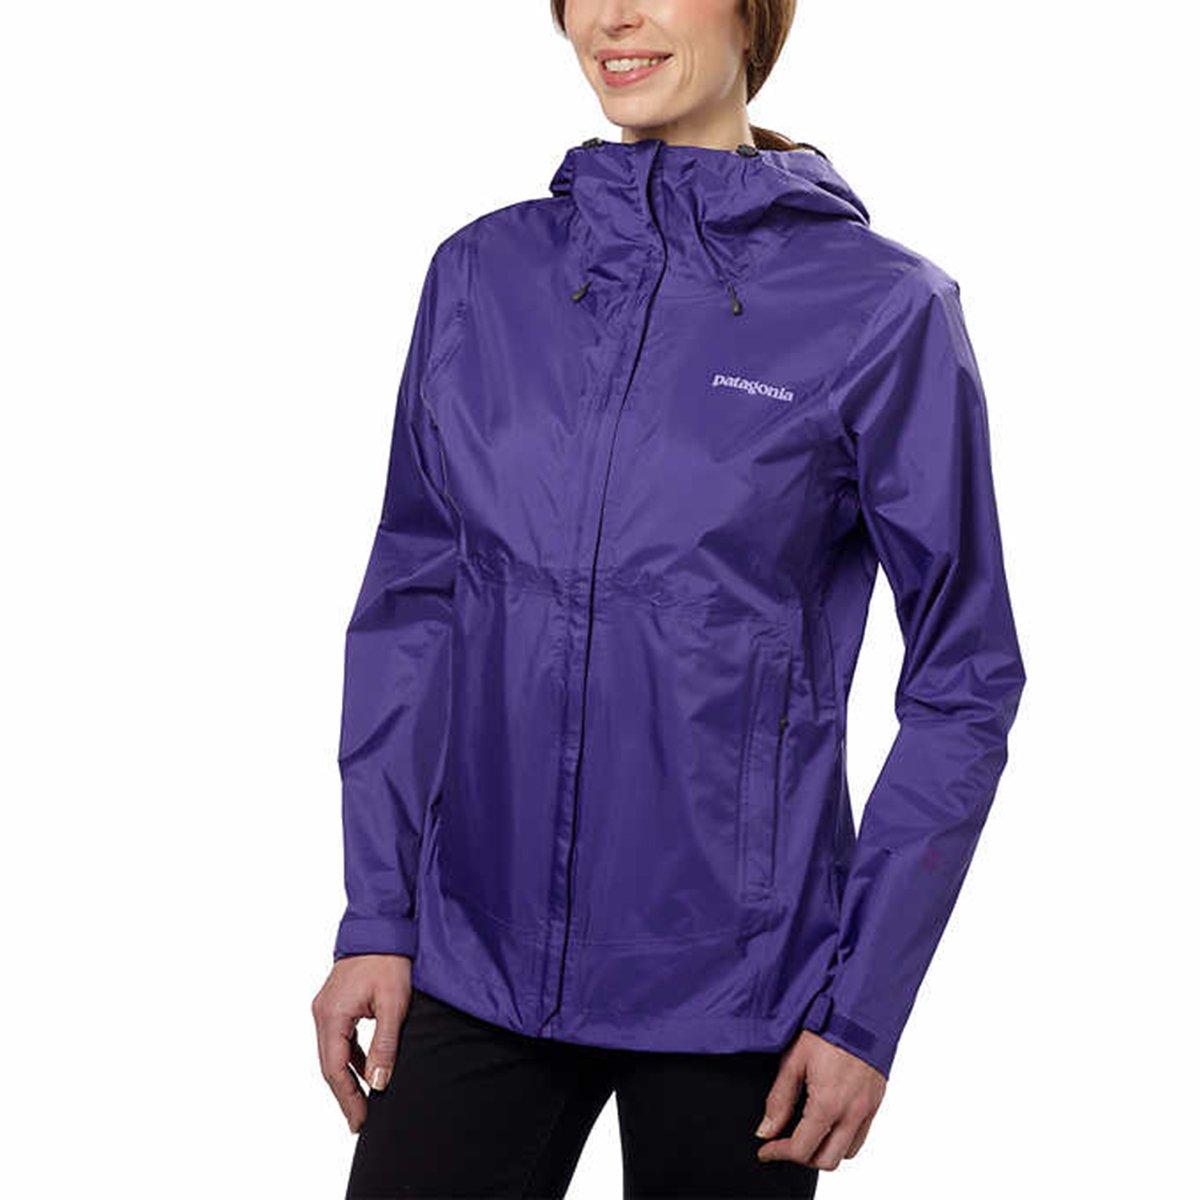 Patagonia Ladies' Torrentshell Jacket (Large, Concord Purple)